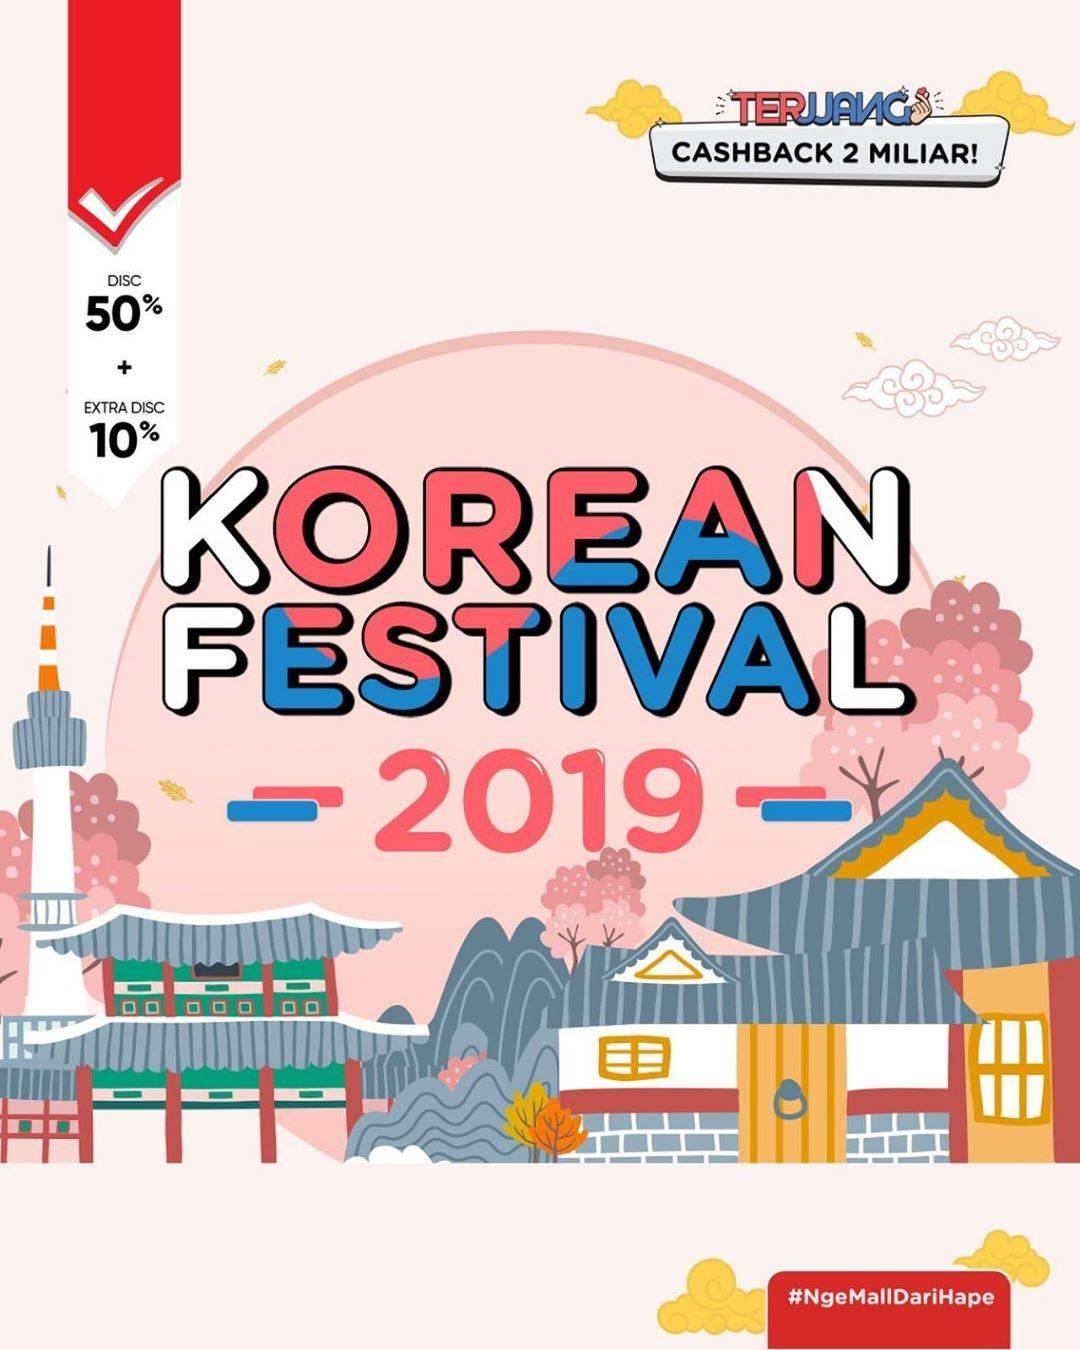 iLOTTE.com Promo KOREAN FESTIVAL 2019